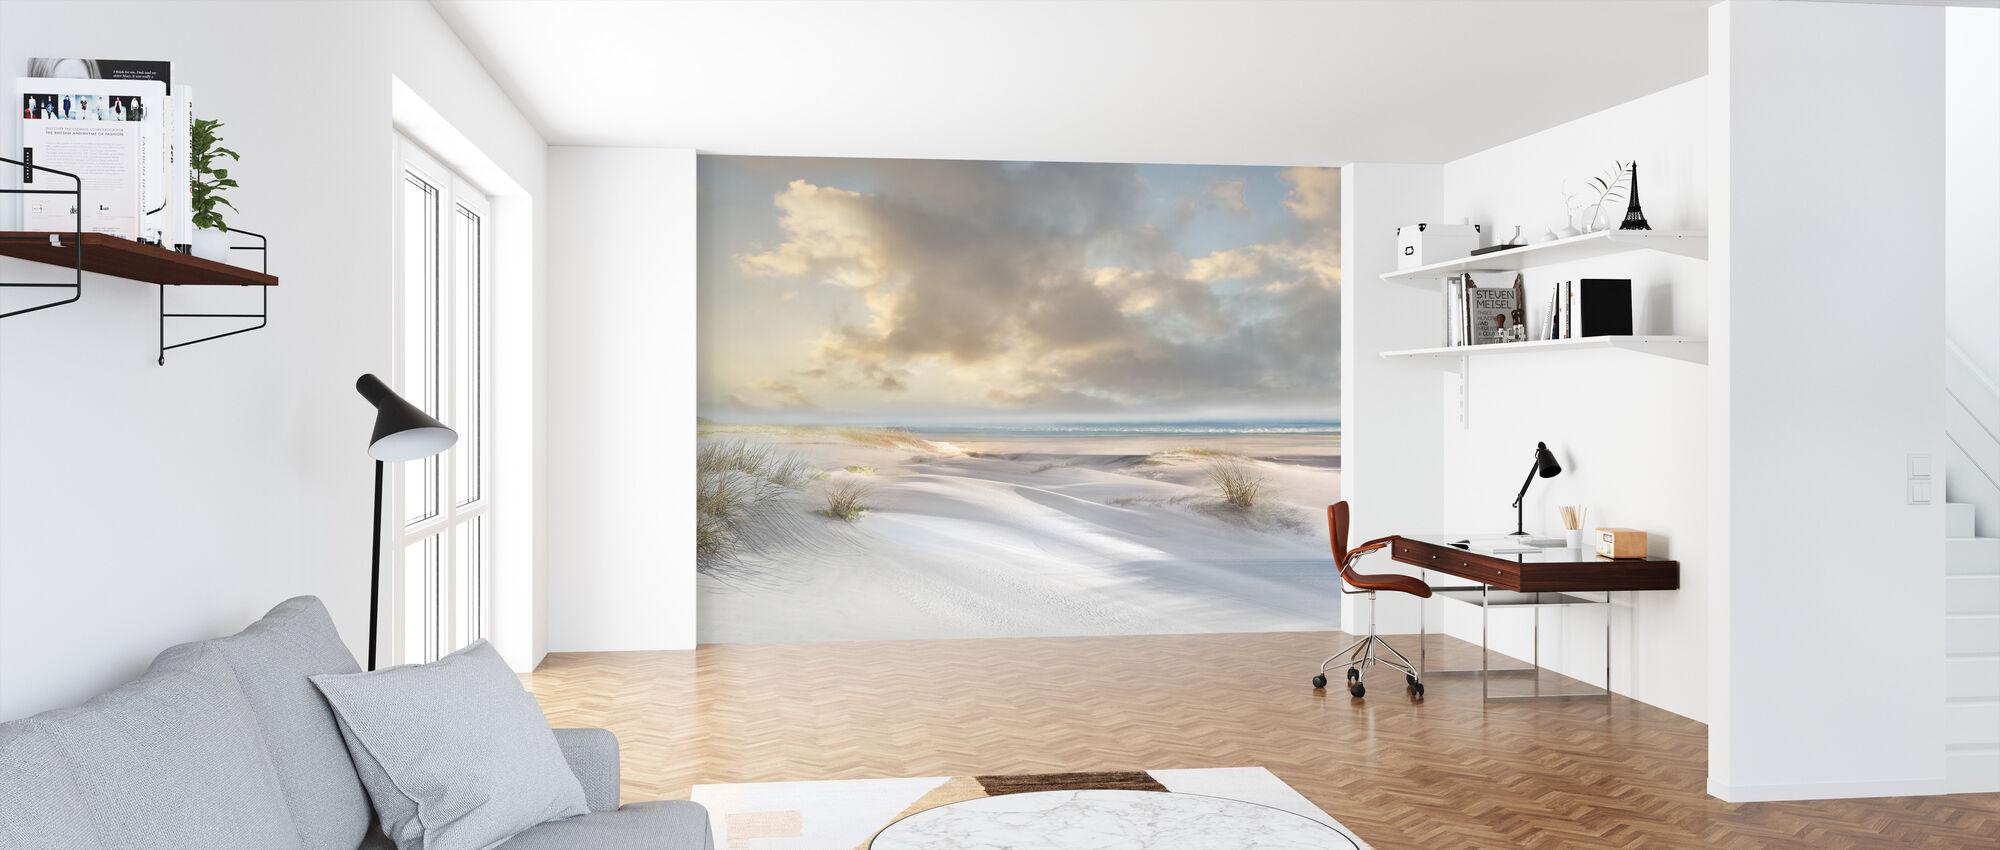 Sand Dunes Beach - Wallpaper - Office